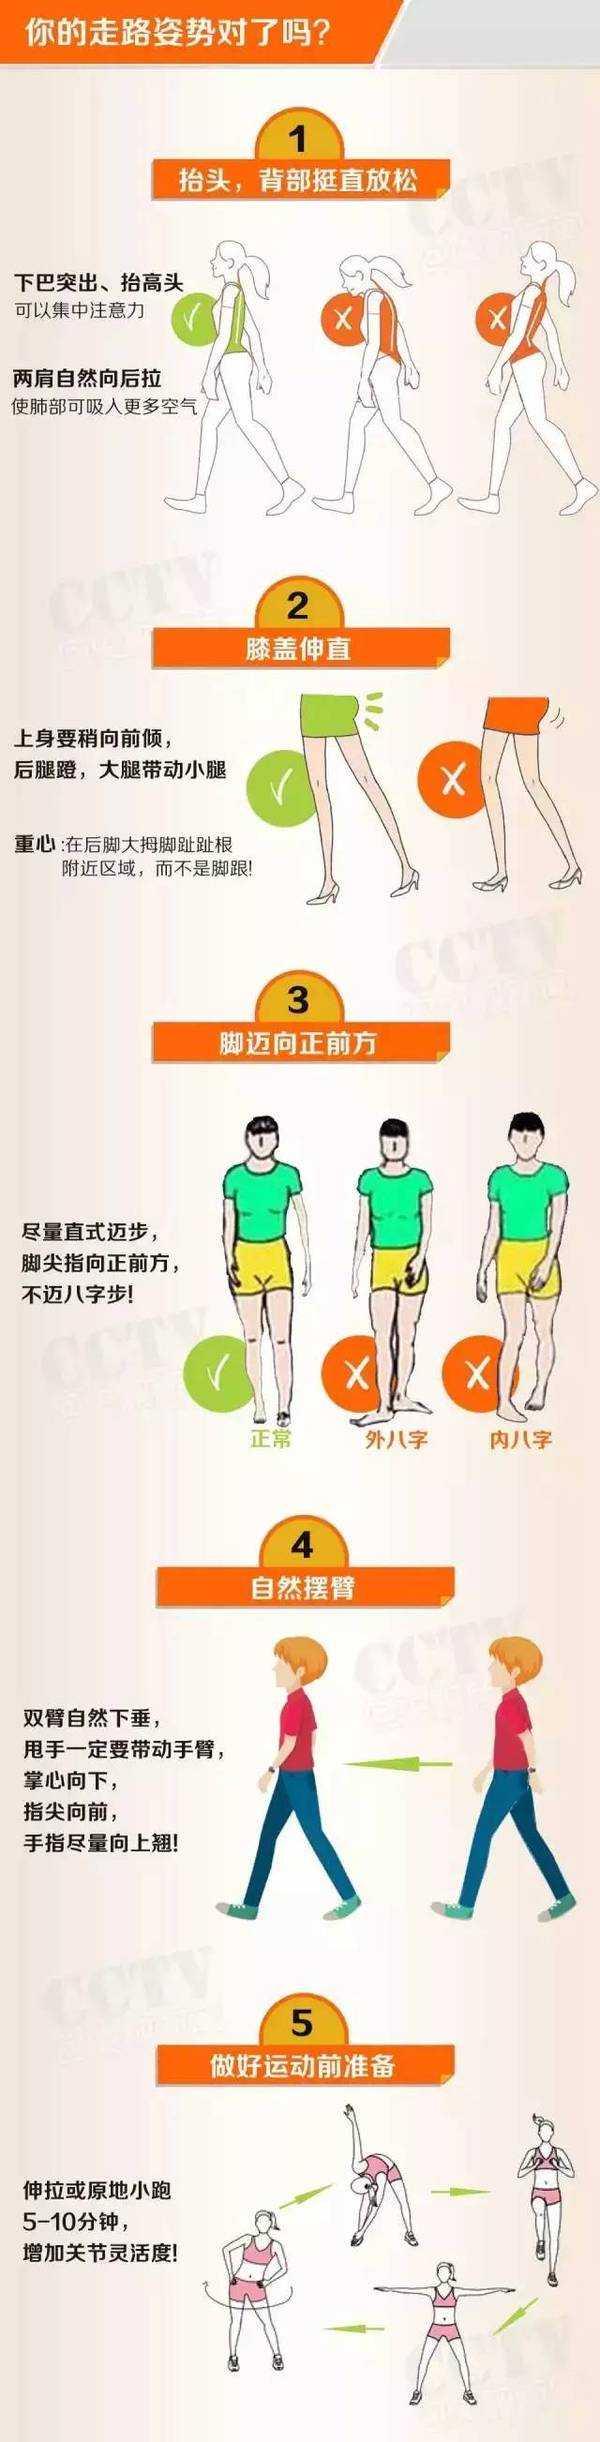 正確的走路姿勢圖圖片